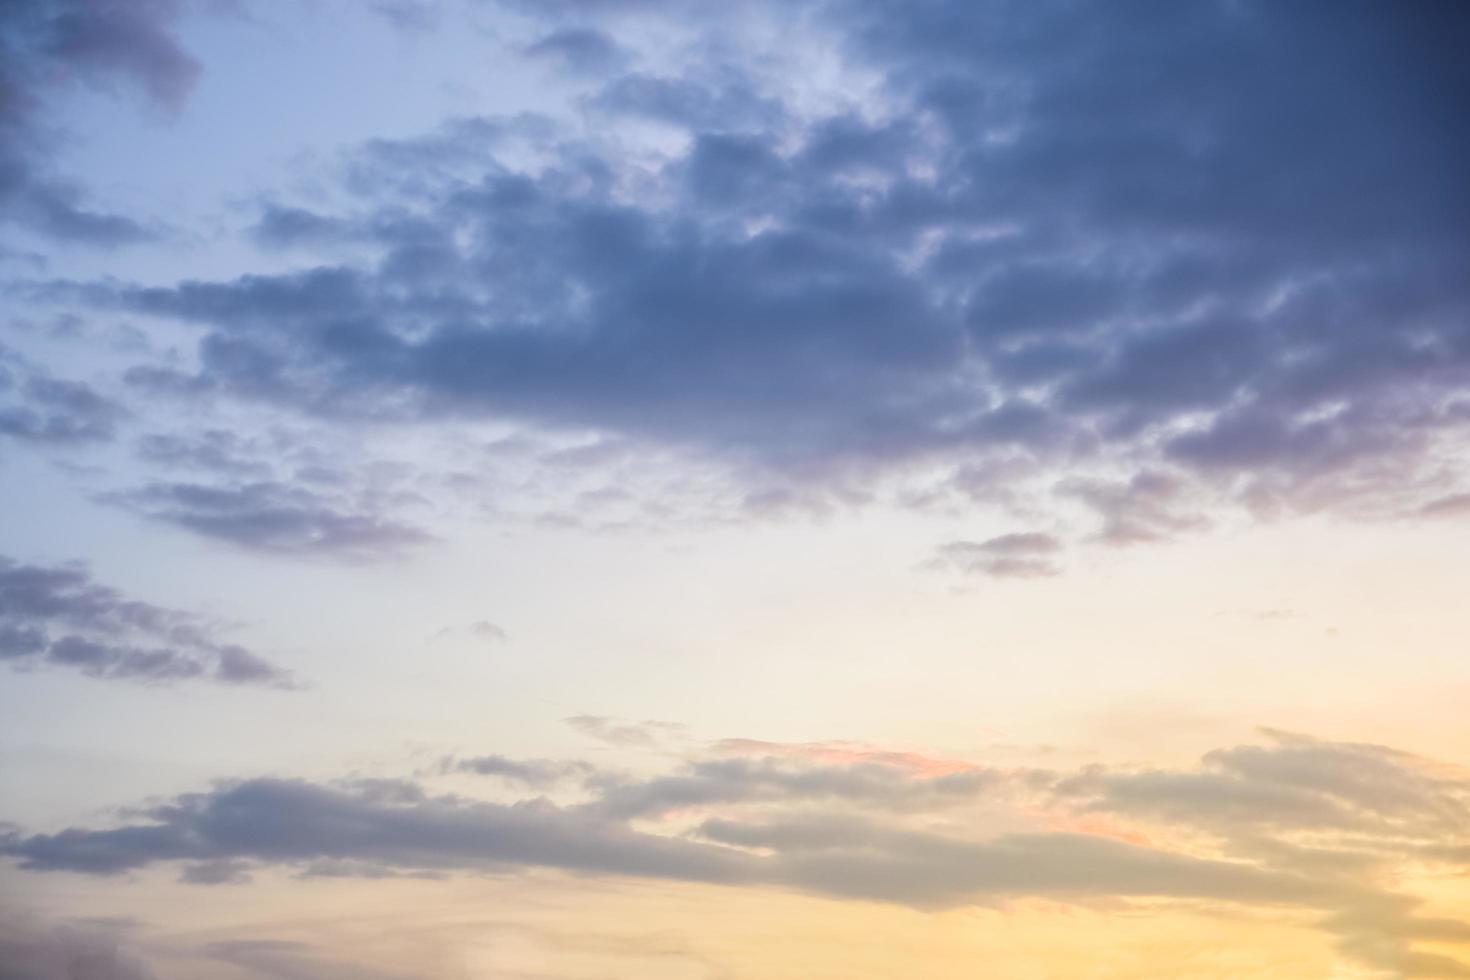 Himmel bei Sonnenuntergang foto